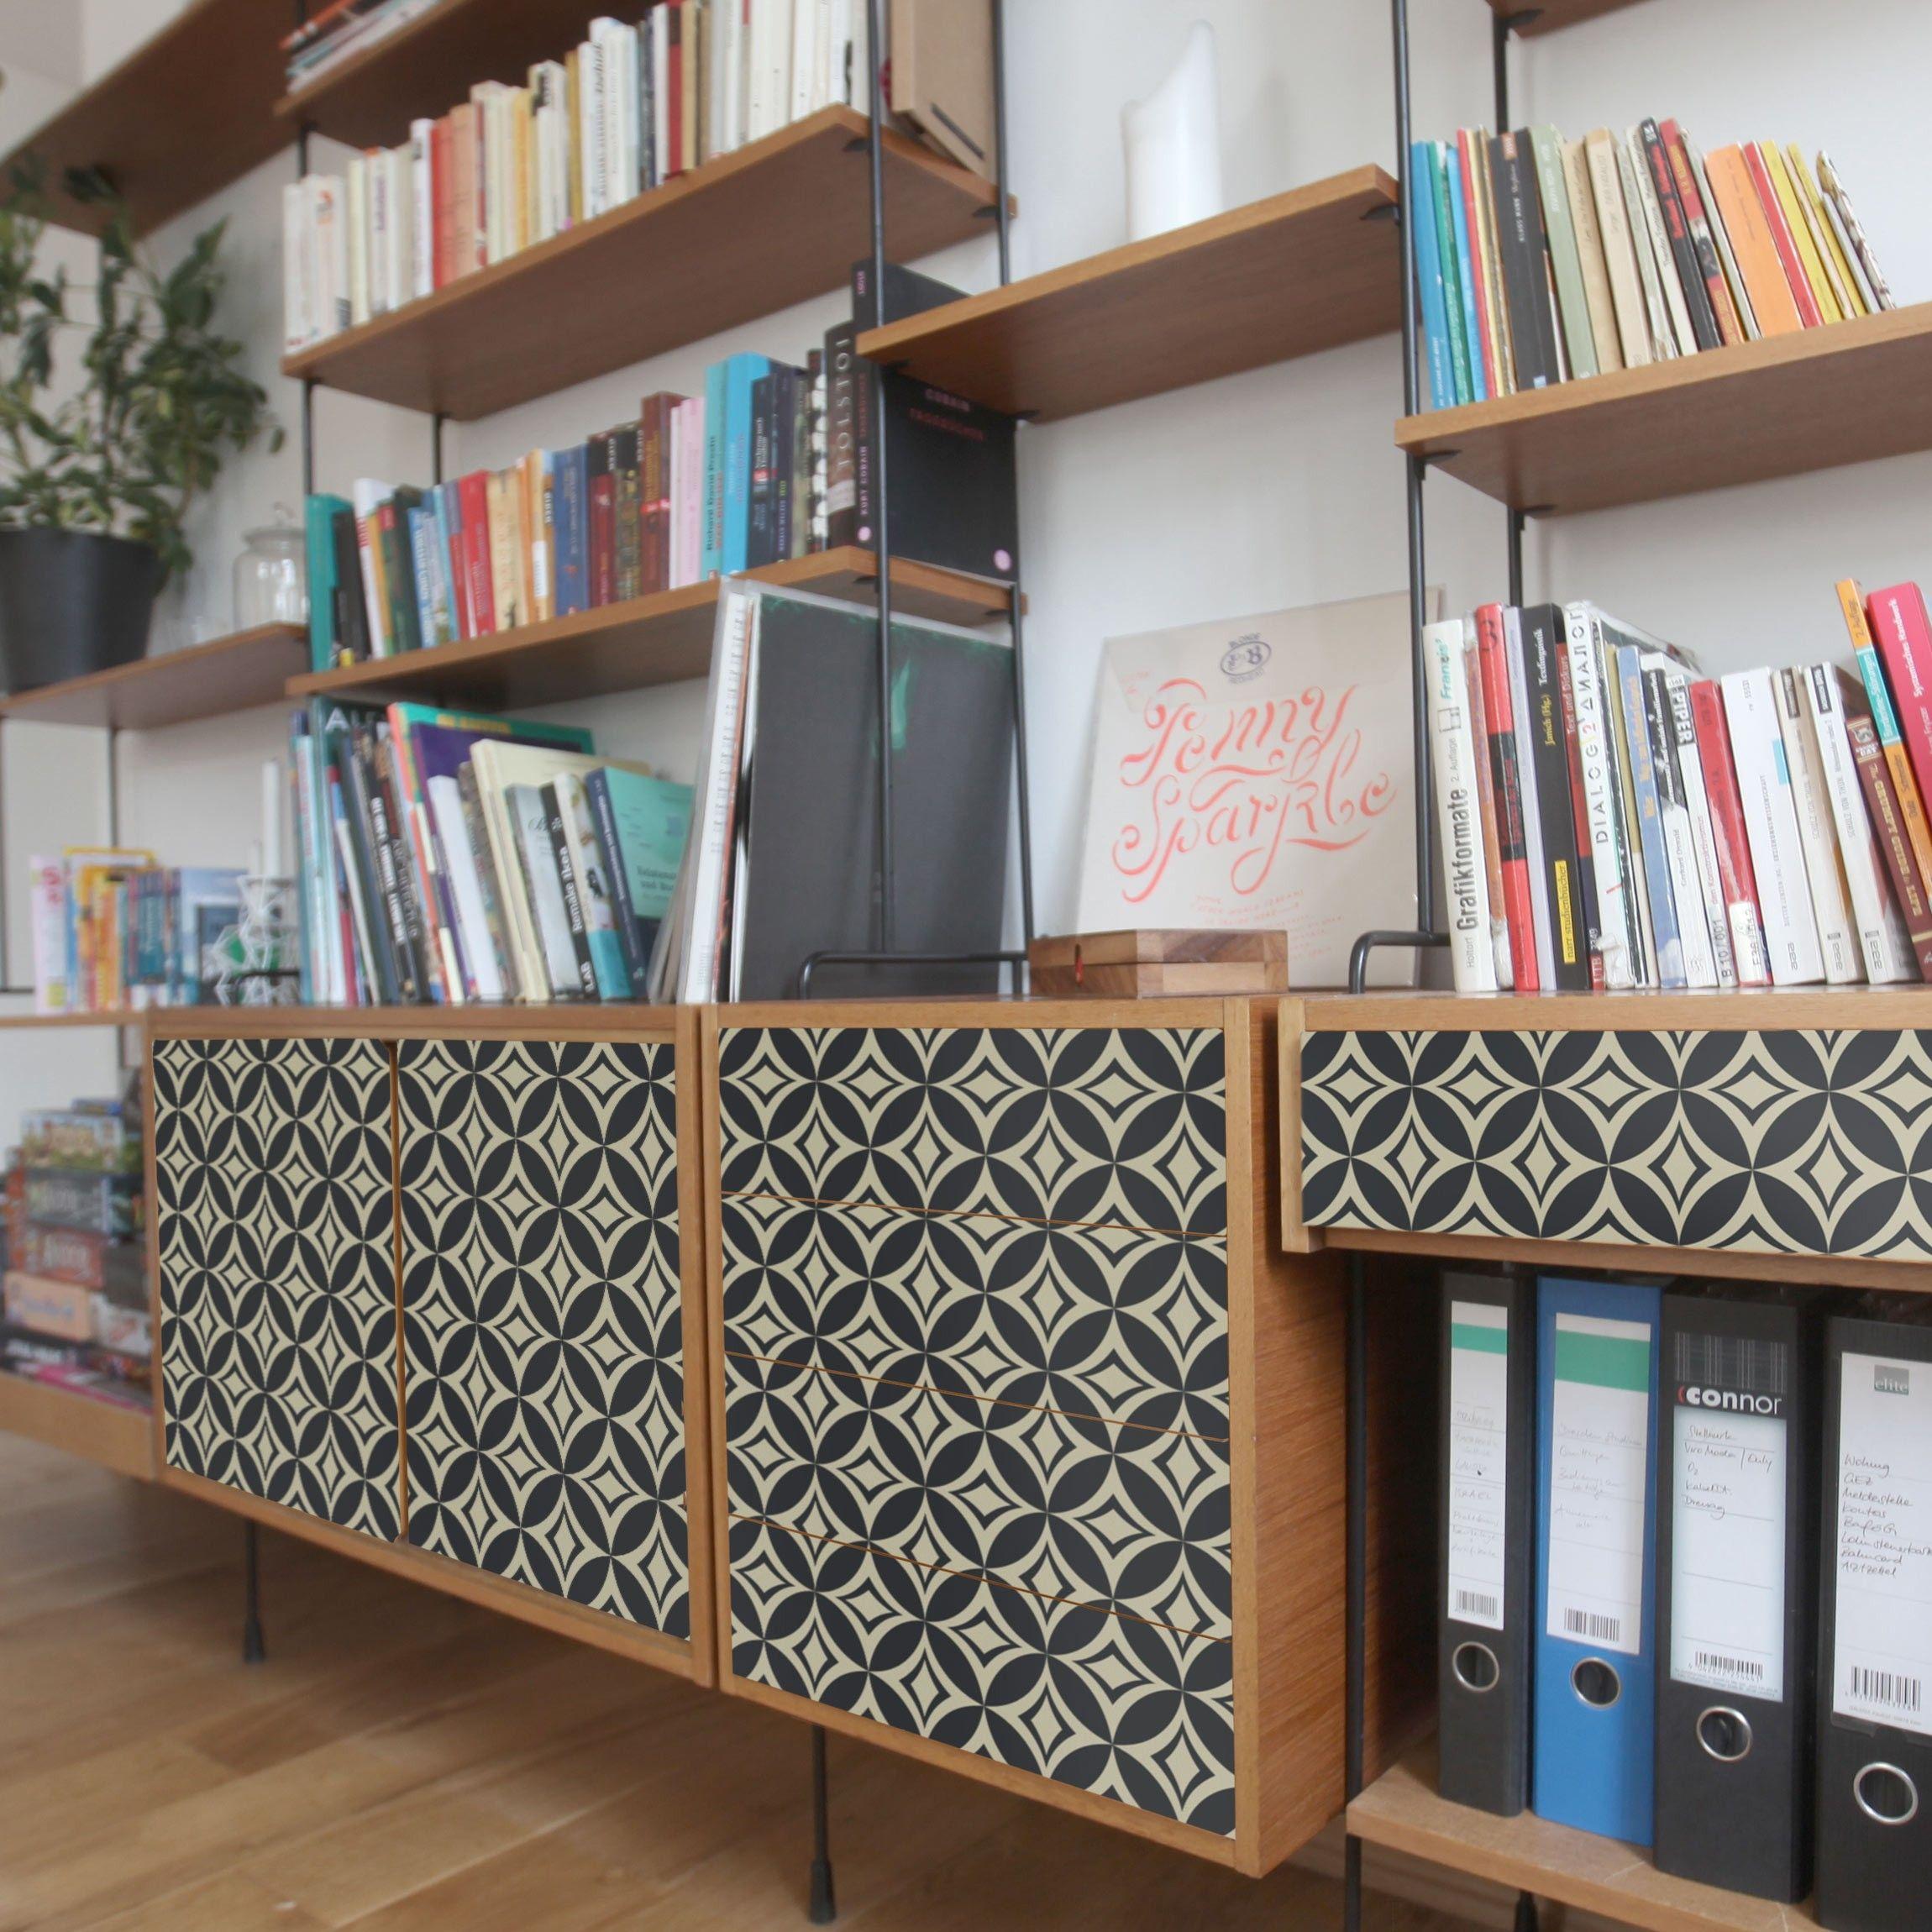 Carta adesiva per mobili concise art deco pattern nel for Pellicola adesiva per mobili ikea